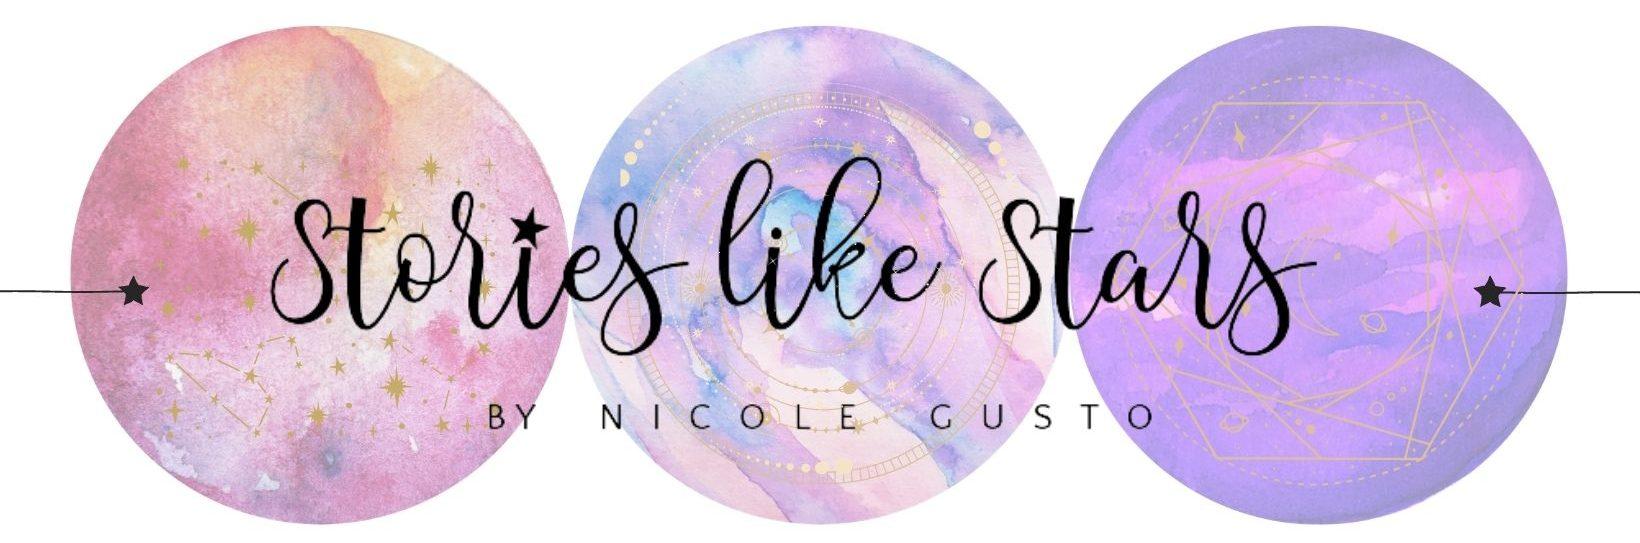 Nicole Gusto